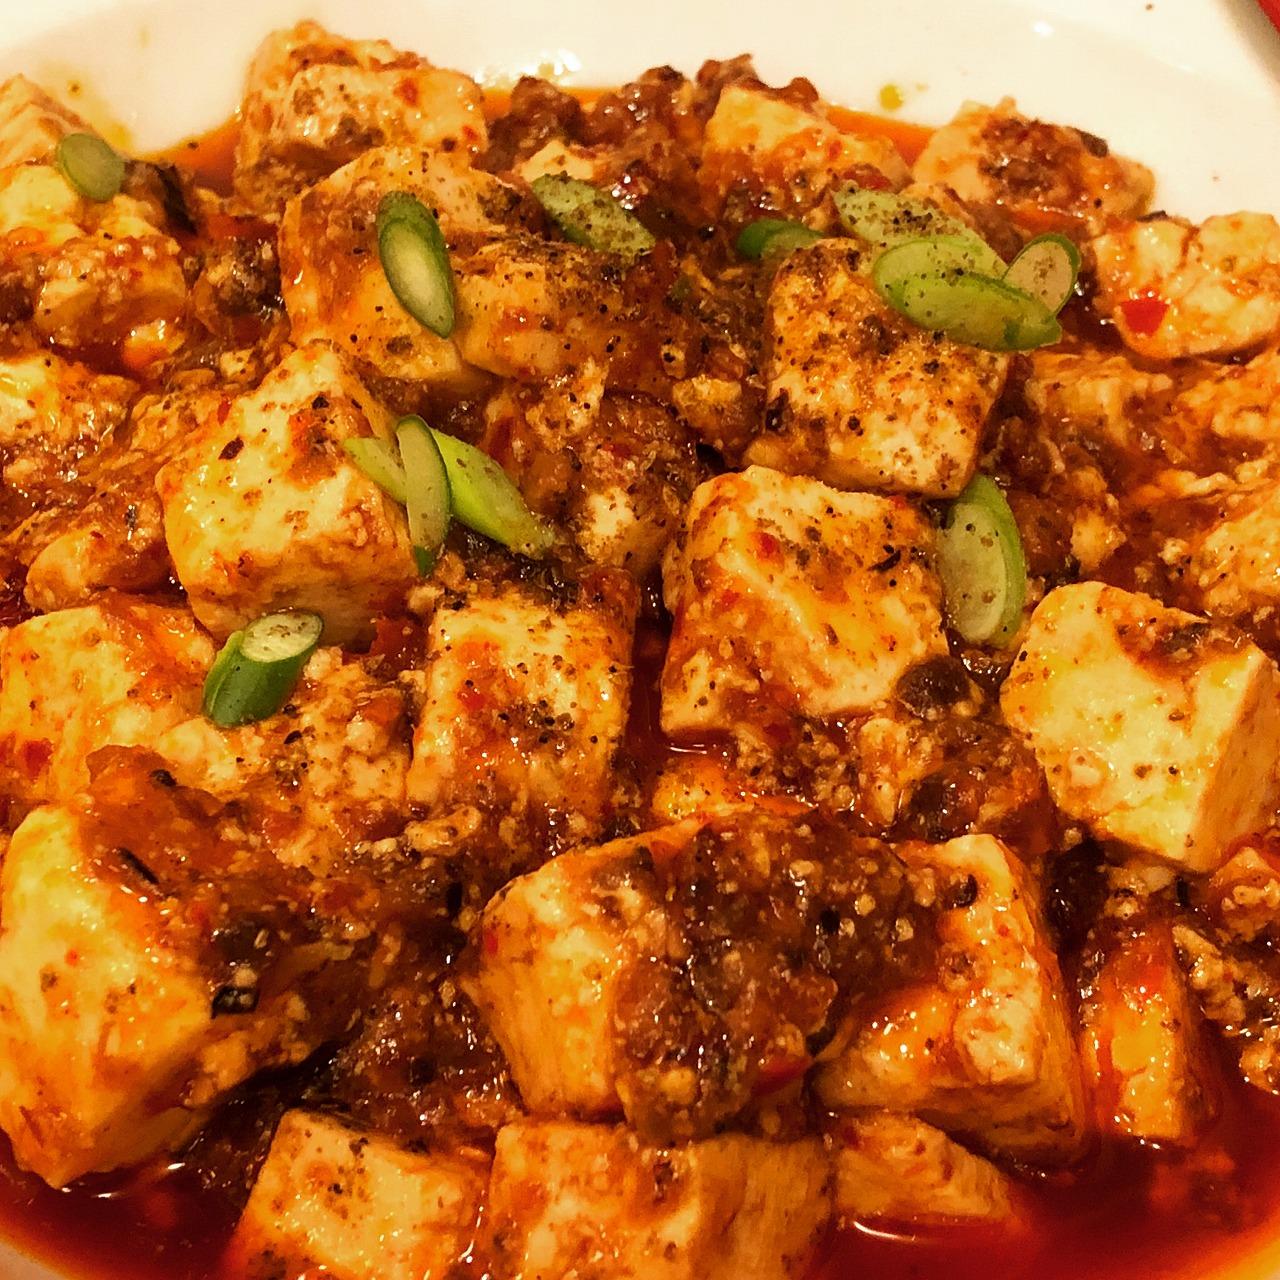 【麻婆豆腐】新宿「麻辣王豆腐」の麻婆豆腐は予想以上におとなしい味